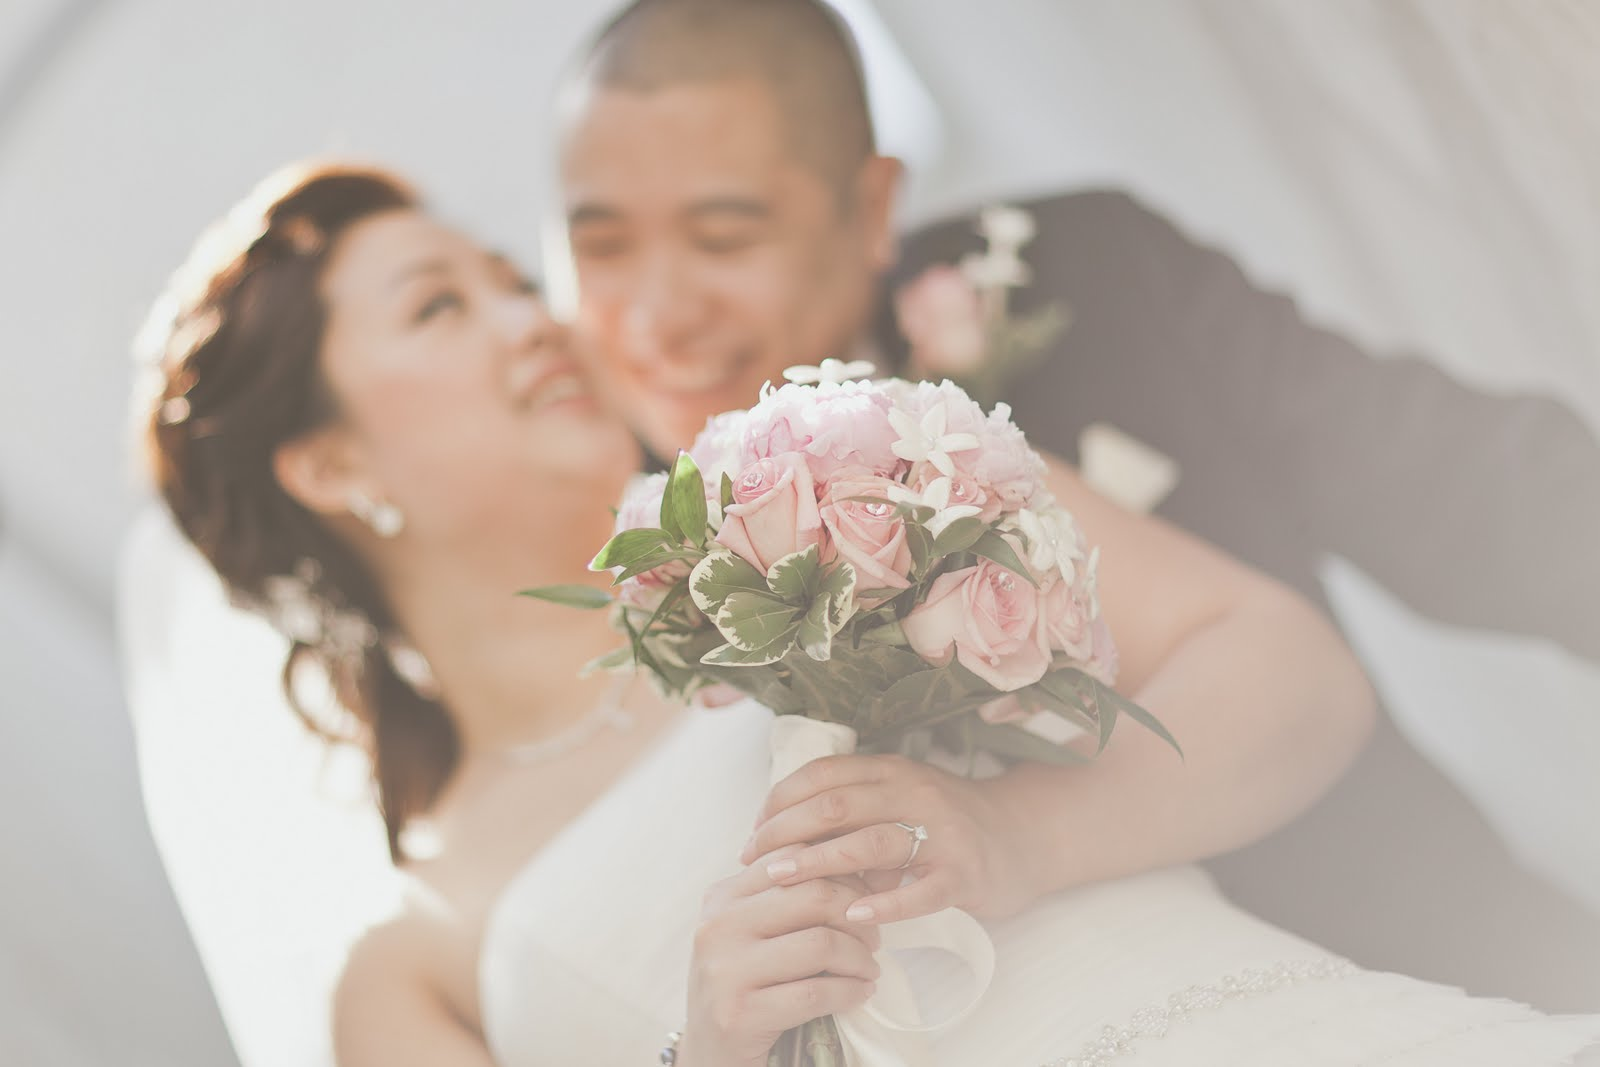 Bridal Beauty April (www.artistrhi.com)